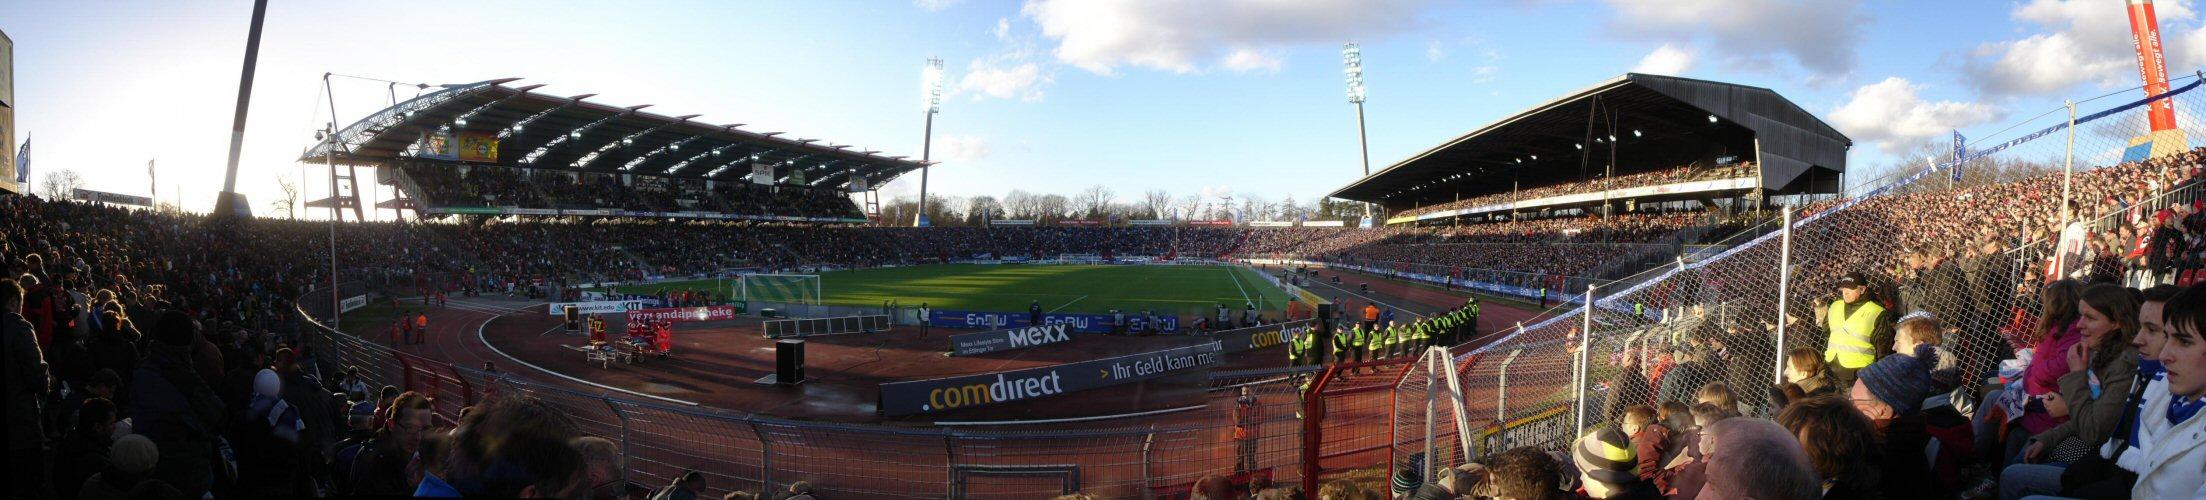 Karlsruher SC - 1.FC Nürnberg im Karlsruher Wildparkstadion